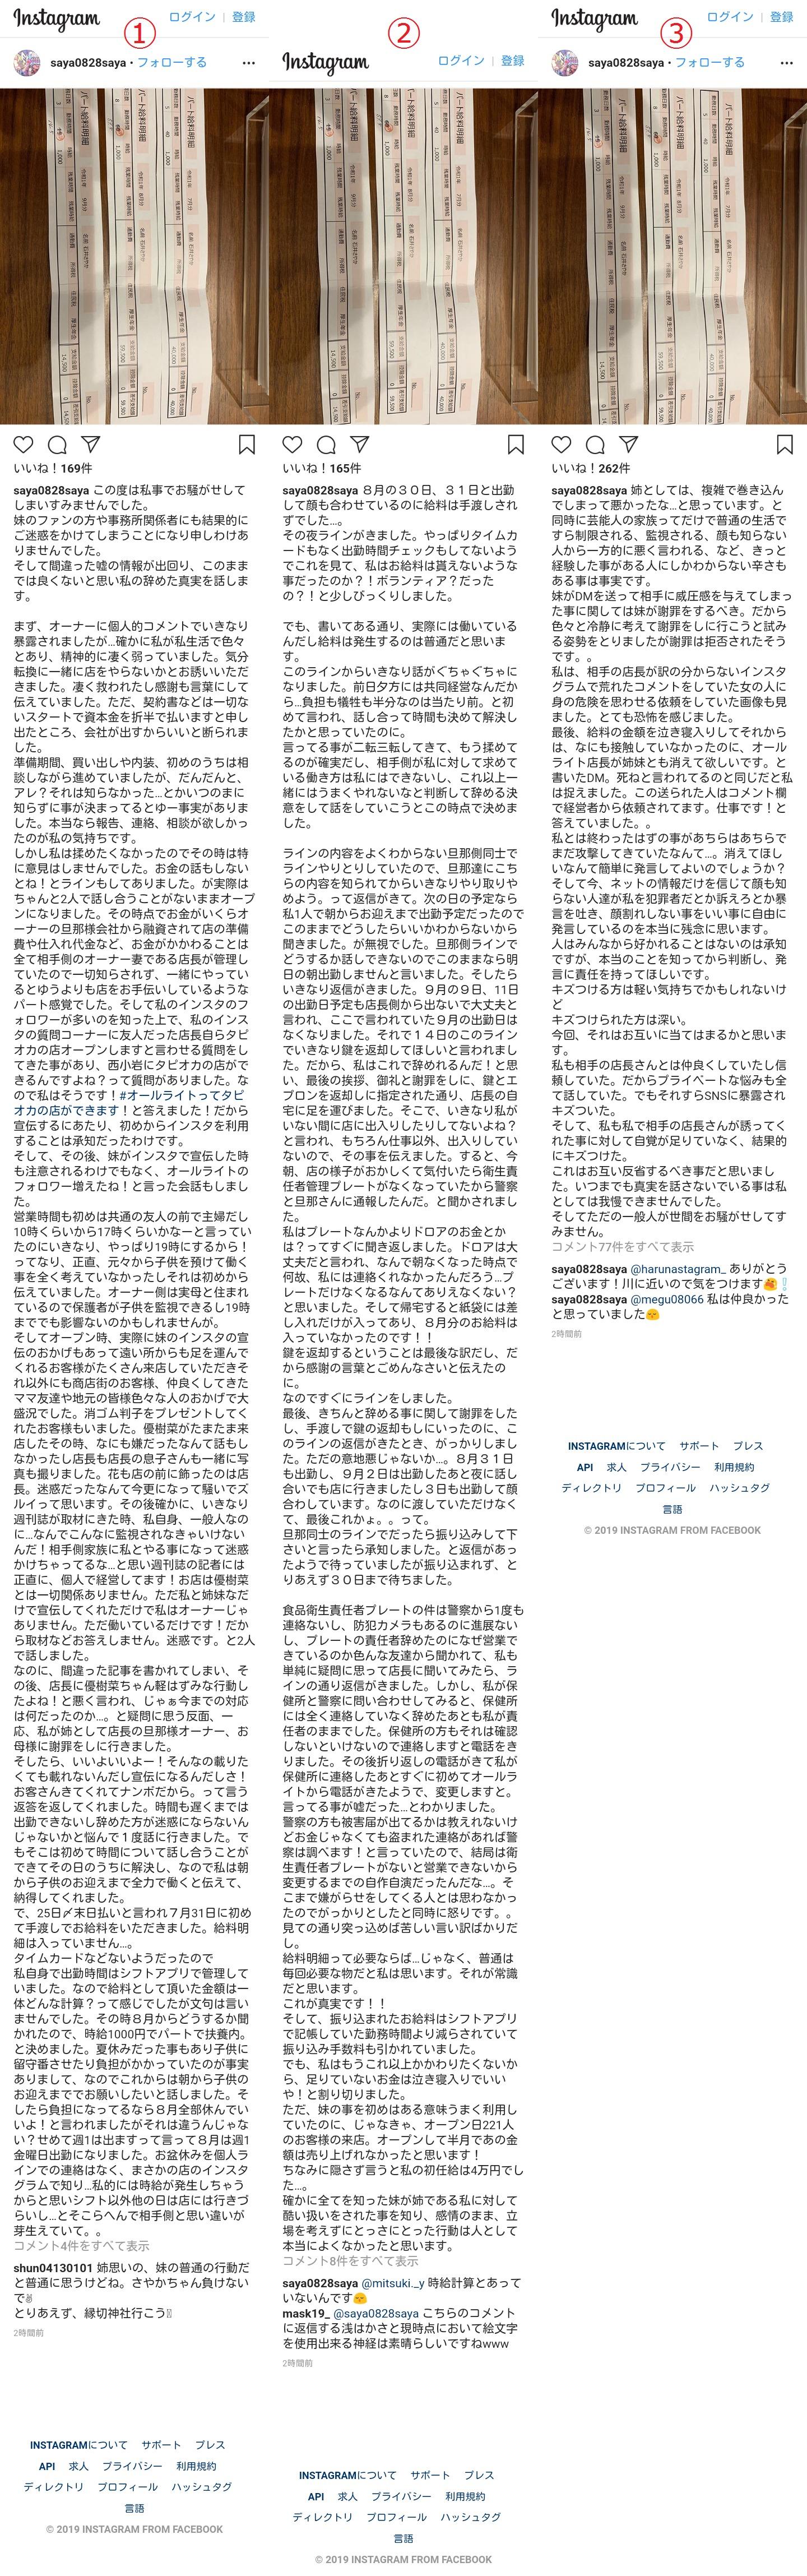 """【芸能】木下優樹菜タピオカ店""""恫喝DM""""騒動 渦中の実姉が新証言"""